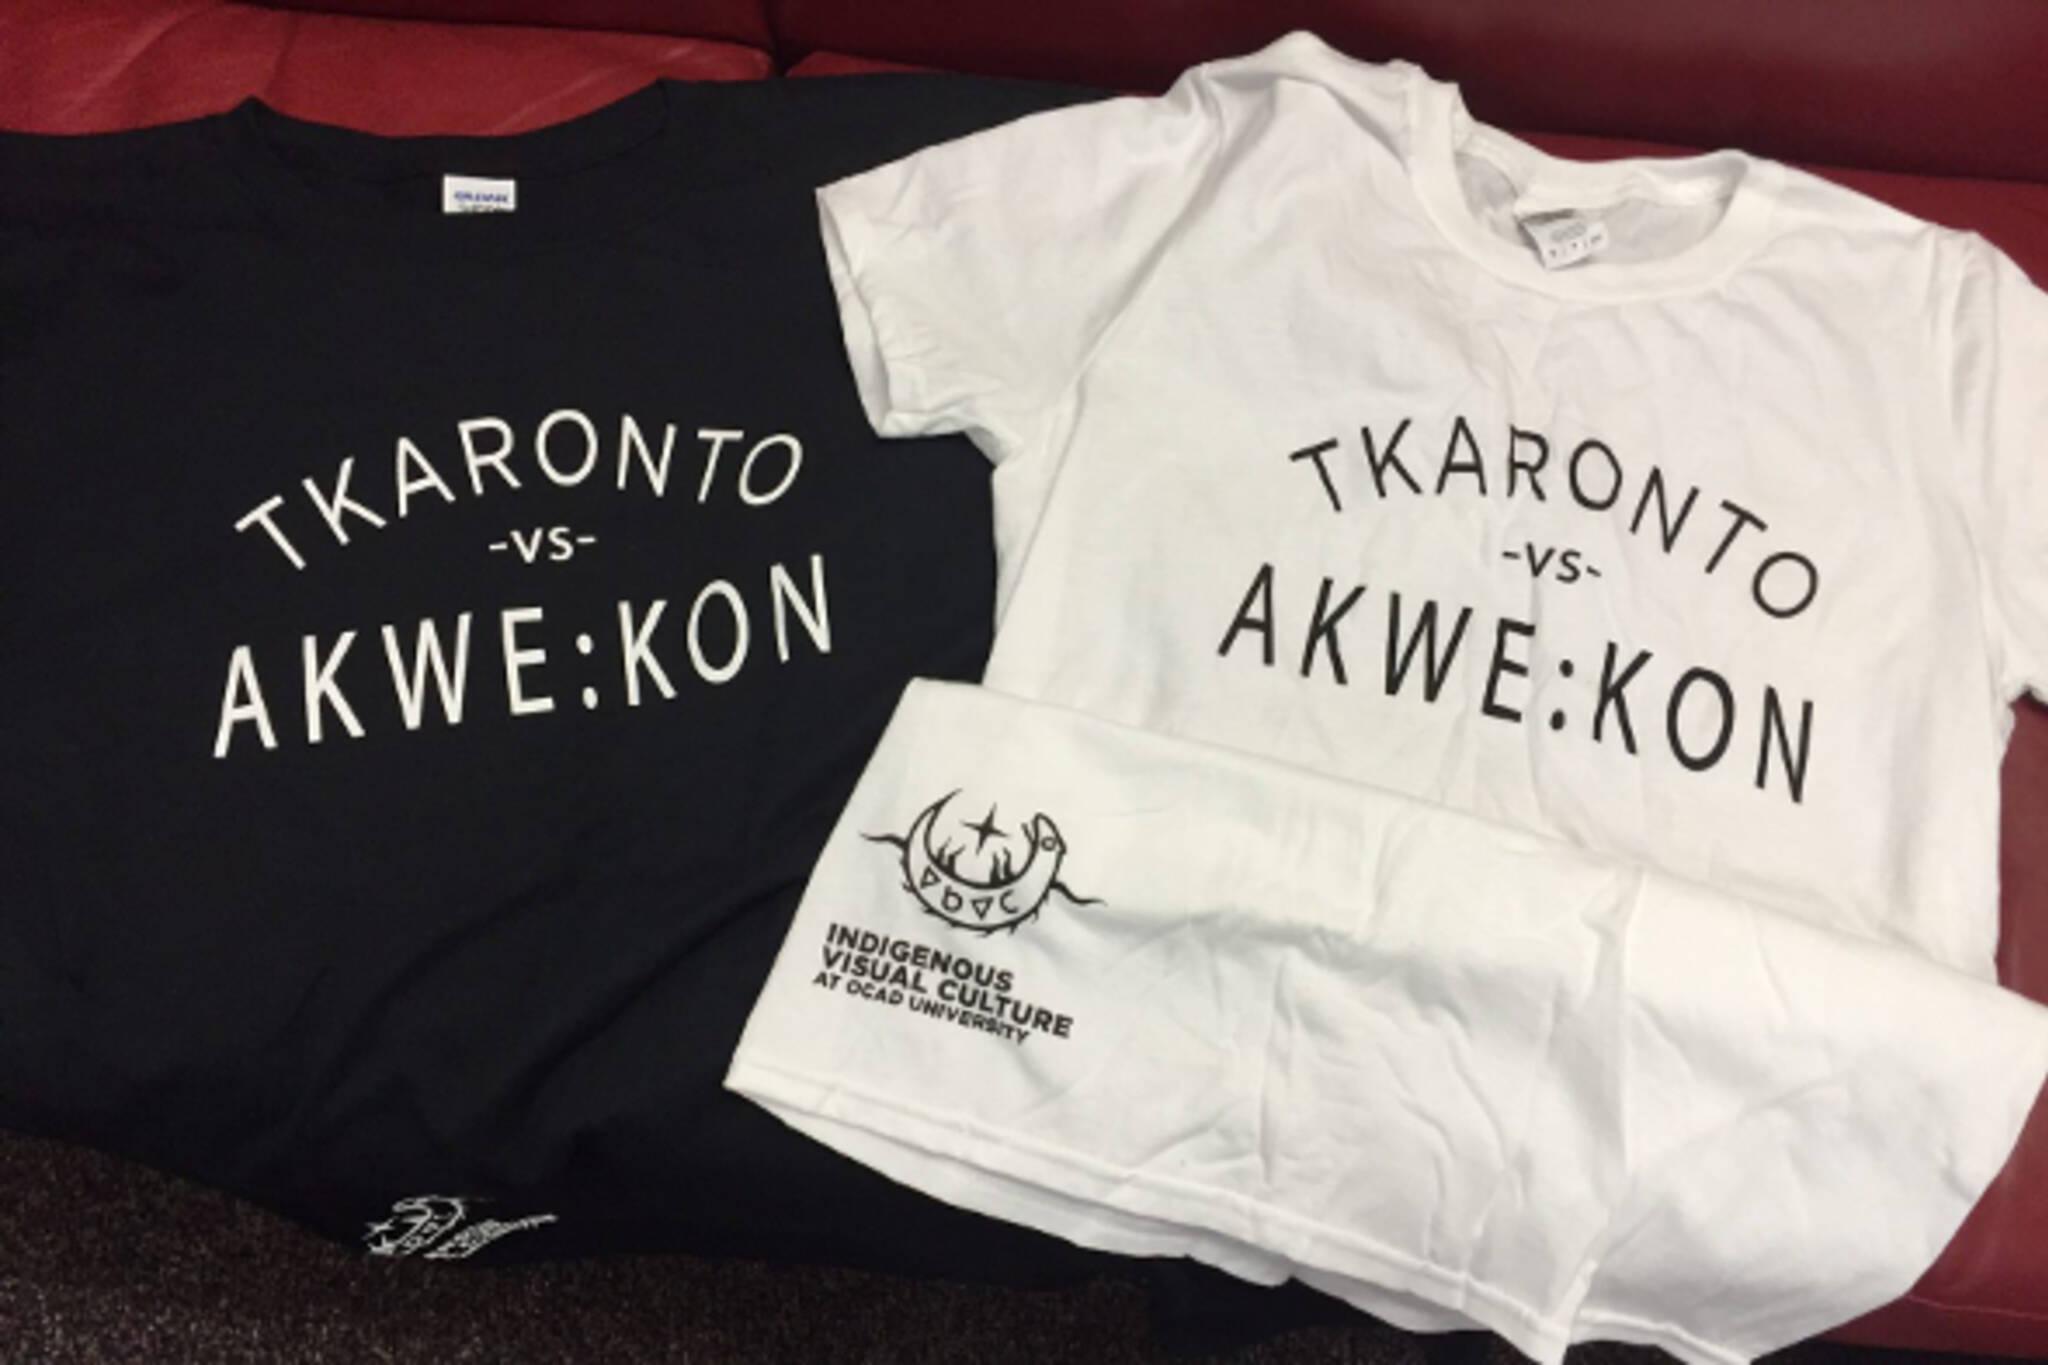 toronto shirts